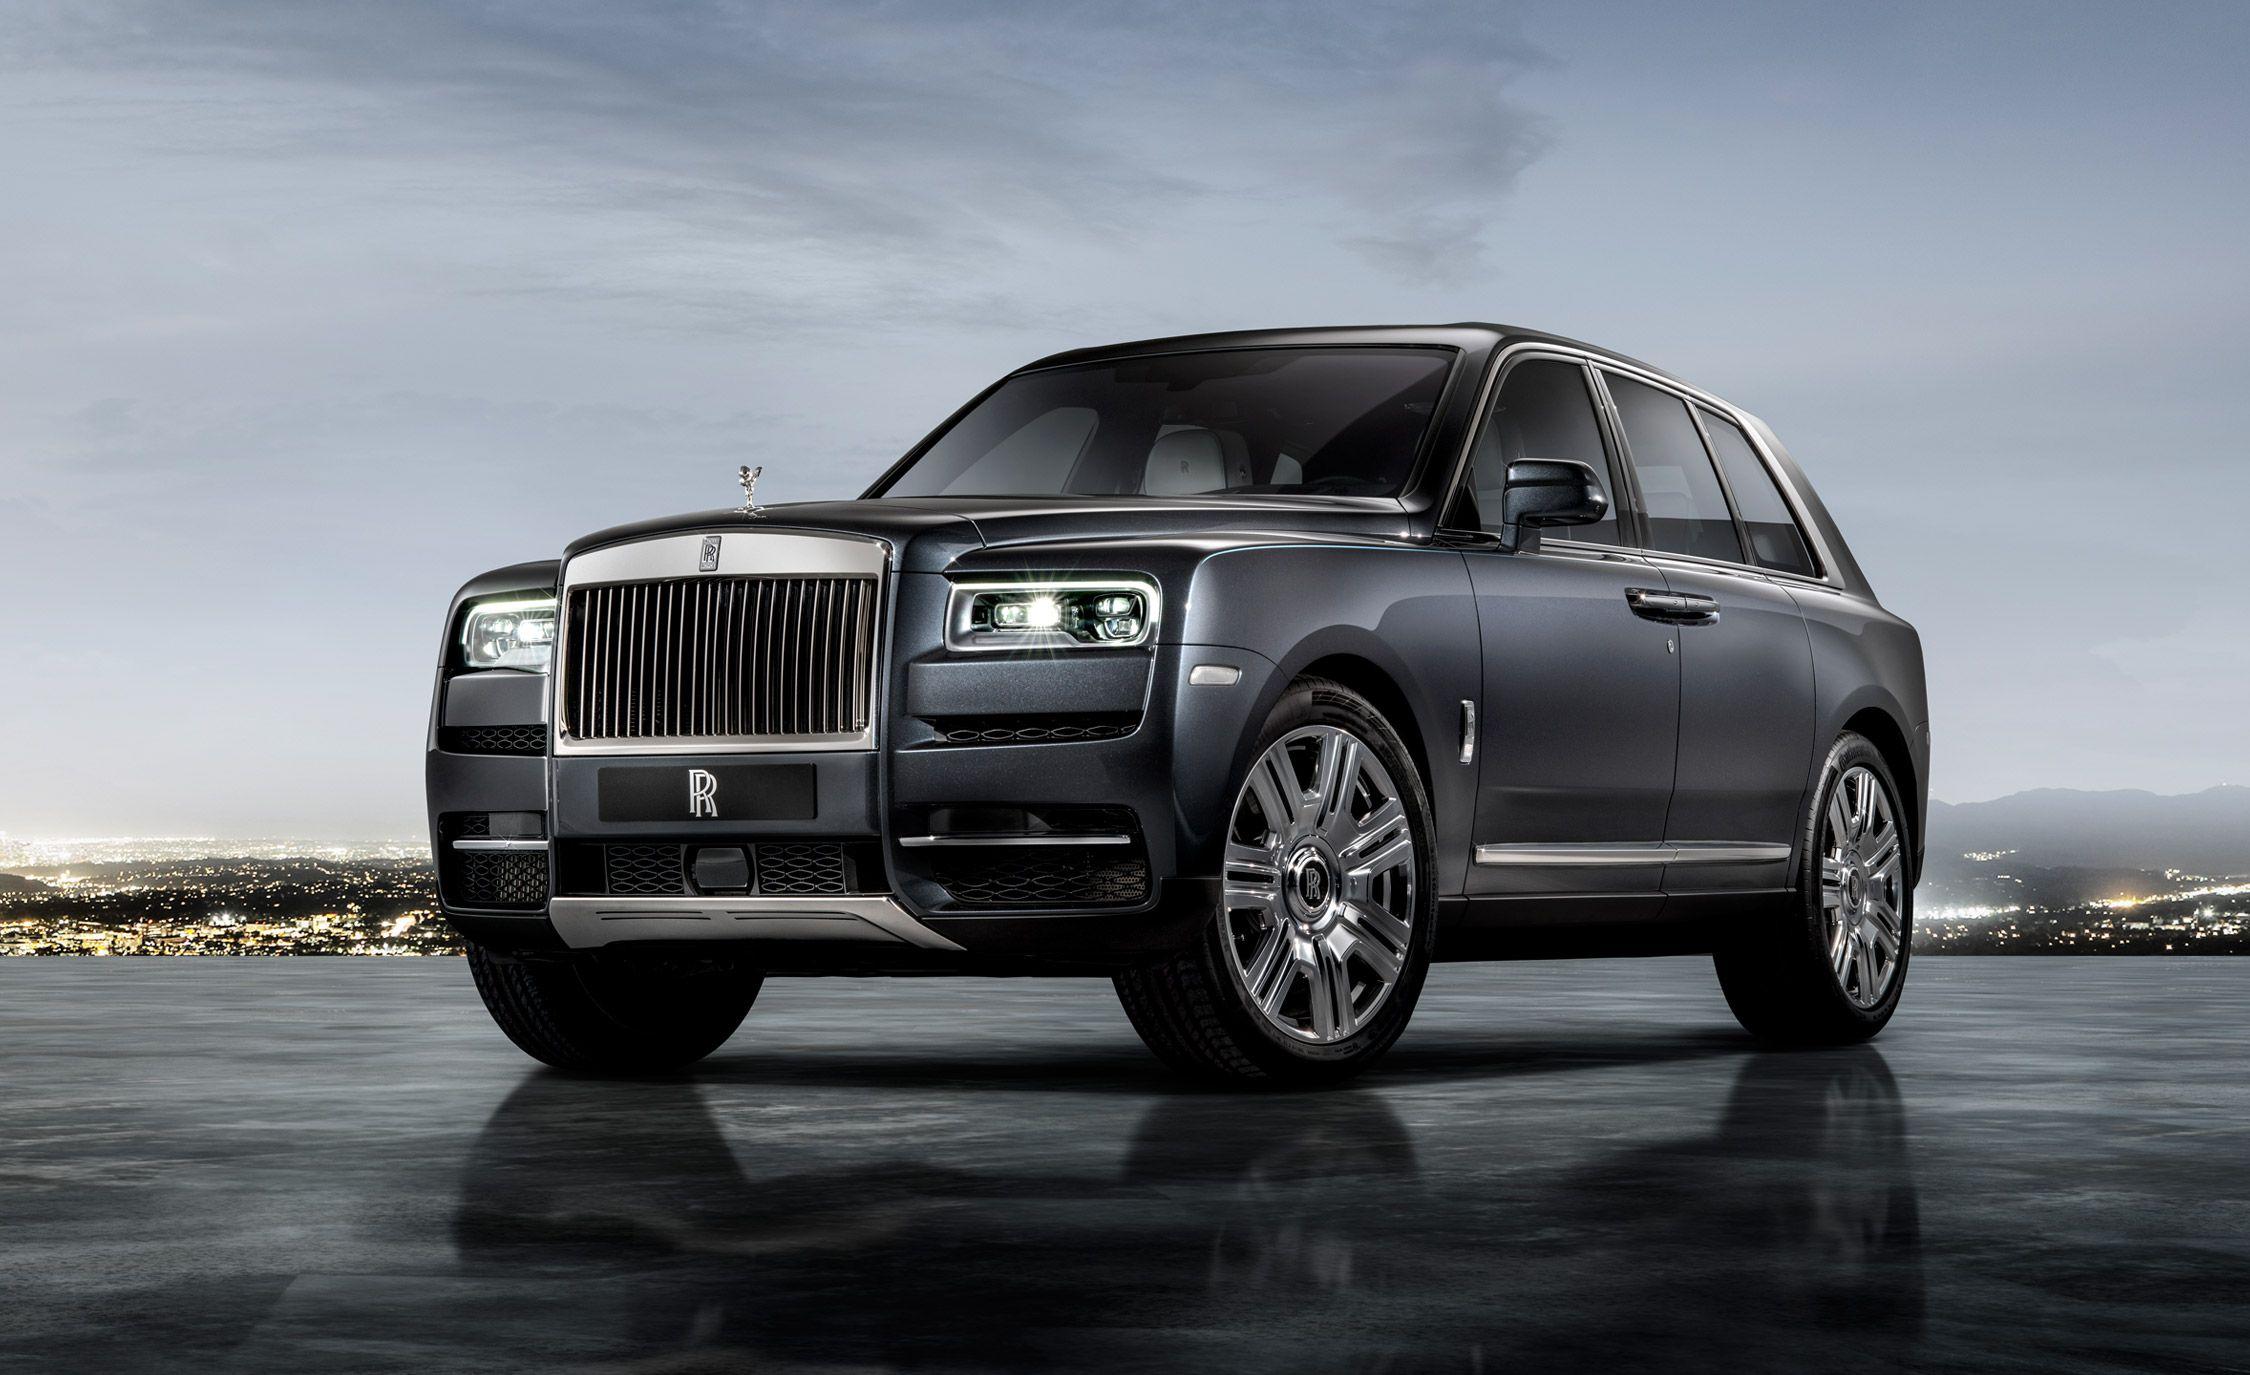 Rolls-Royce a jeho nové SUV Cullinan